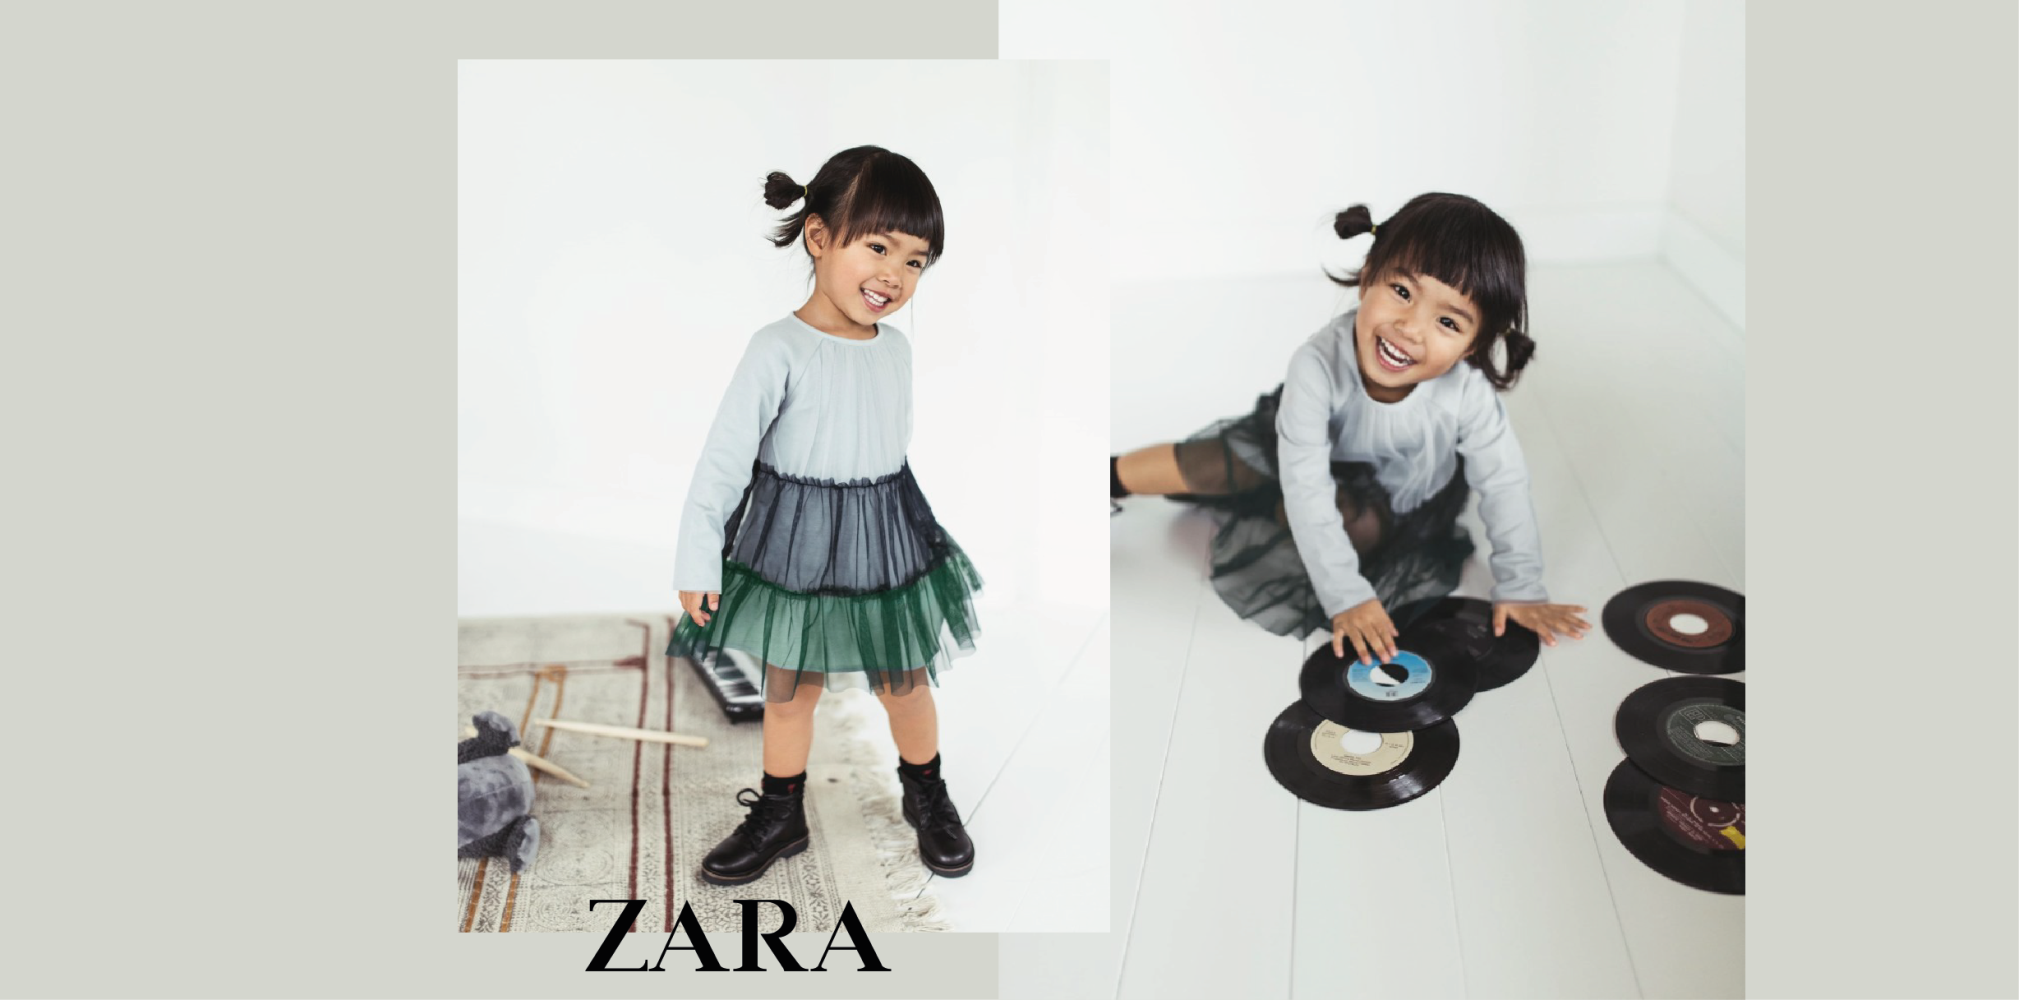 Malin For ZARA